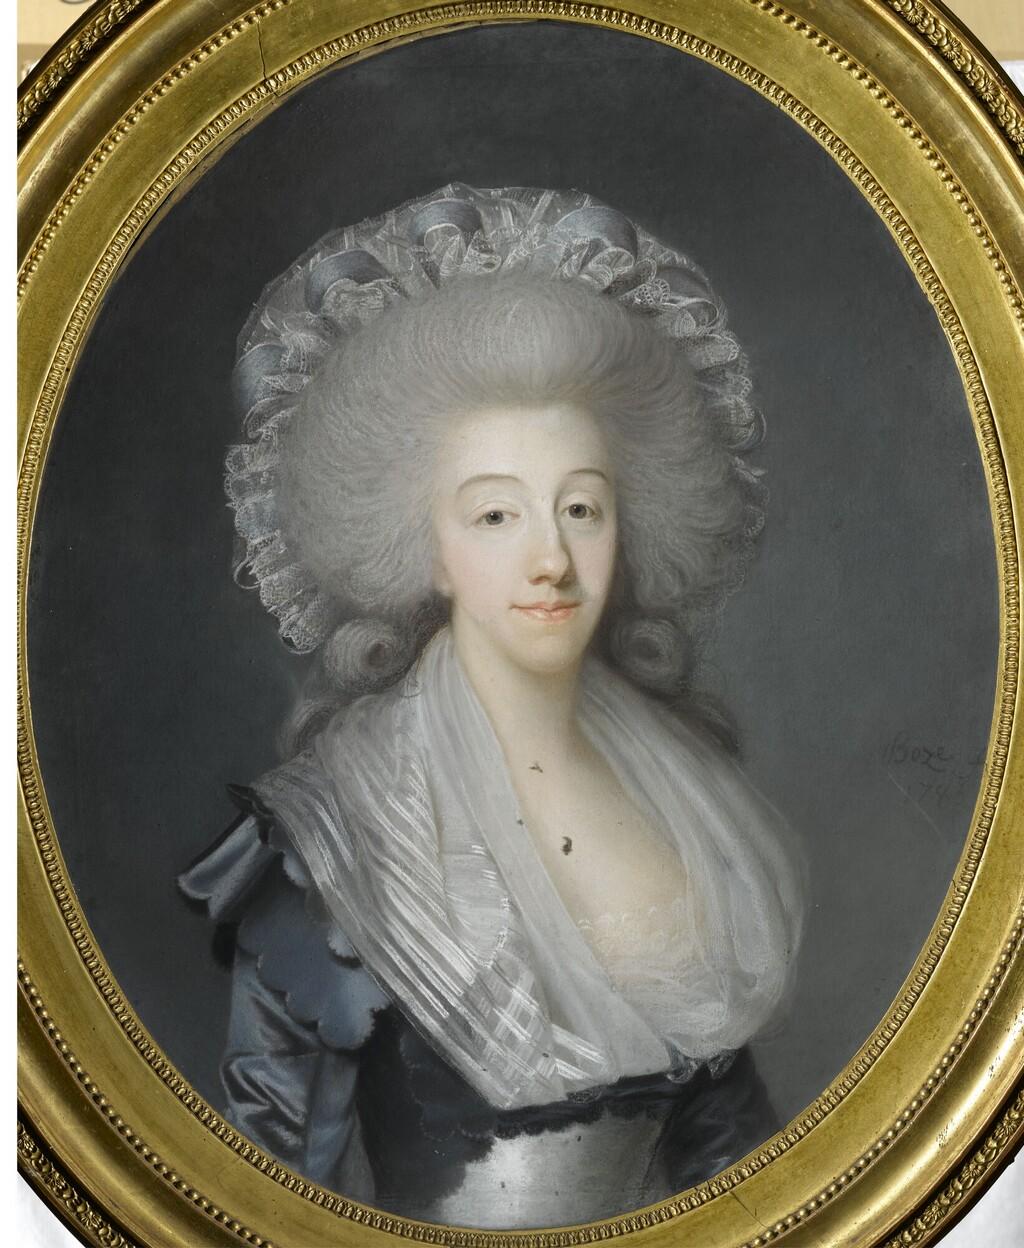 Marie-Thérèse de Savoie, comtesse d'Artois - Page 2 Image283